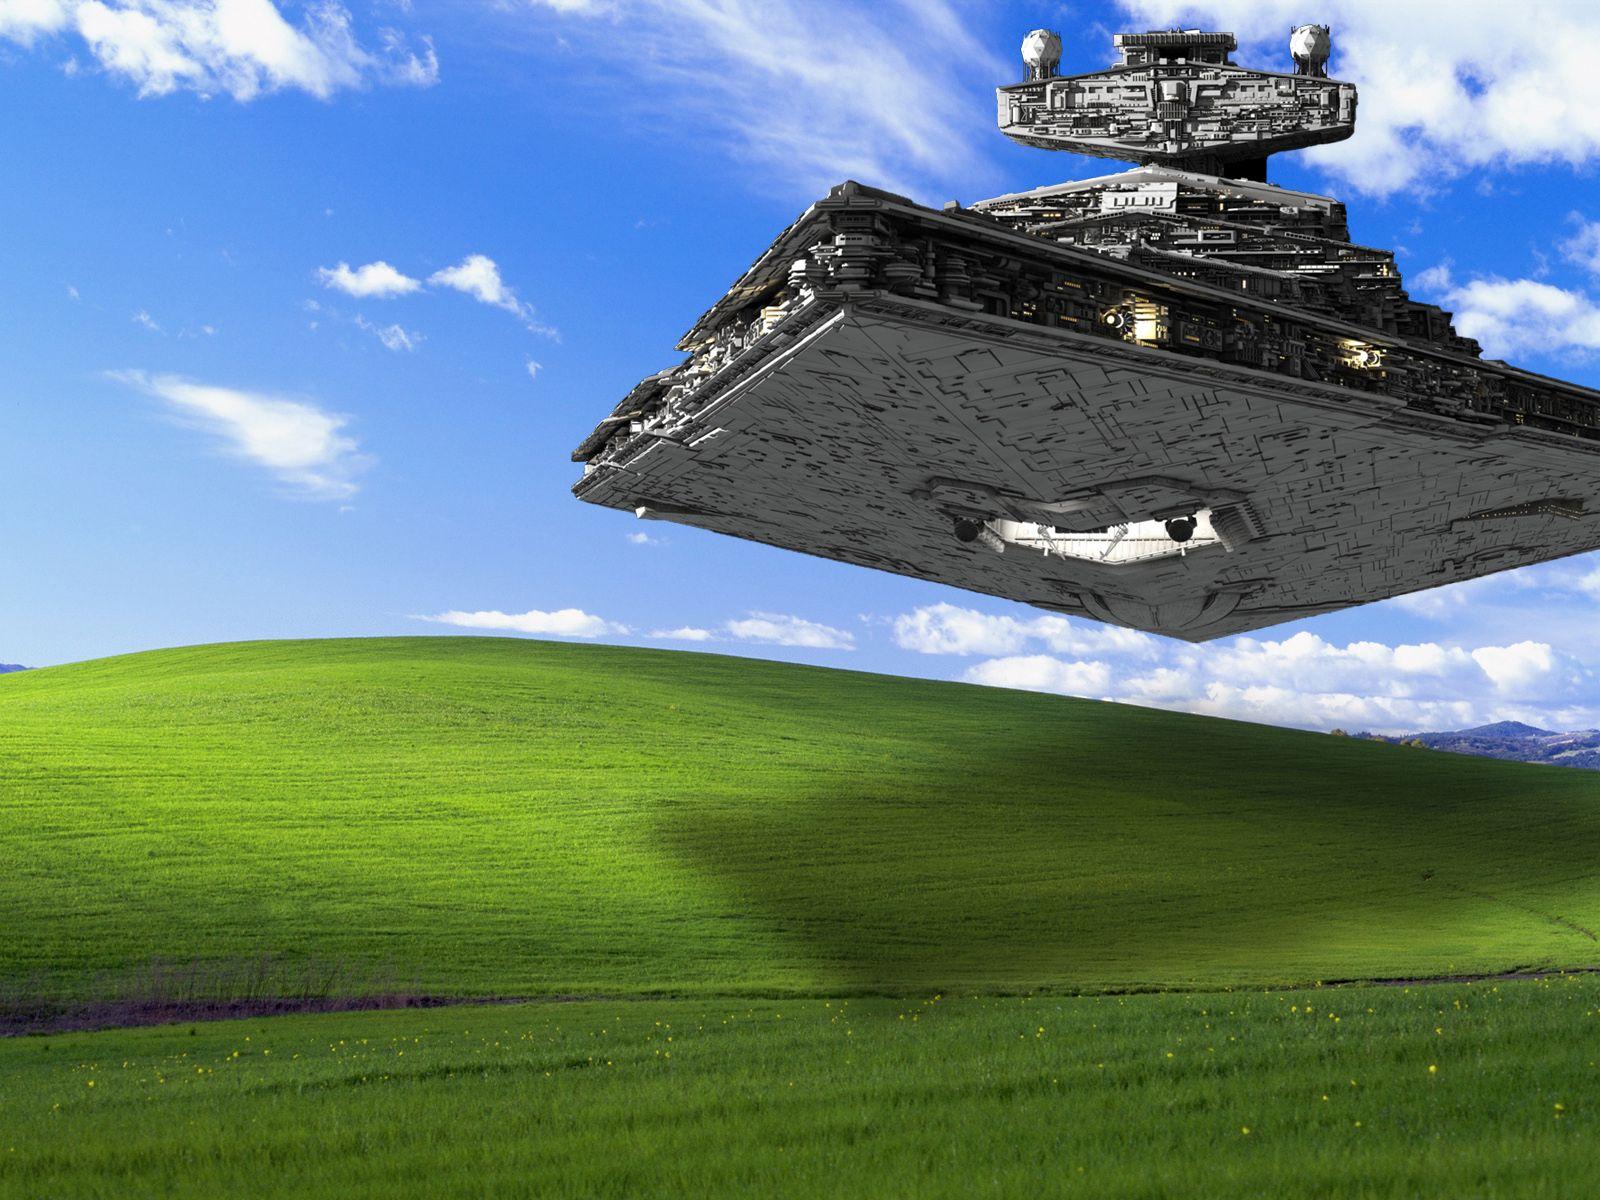 meadow-wallpaper-star-wars-25852909-1600-1200 1600×1200 pixels